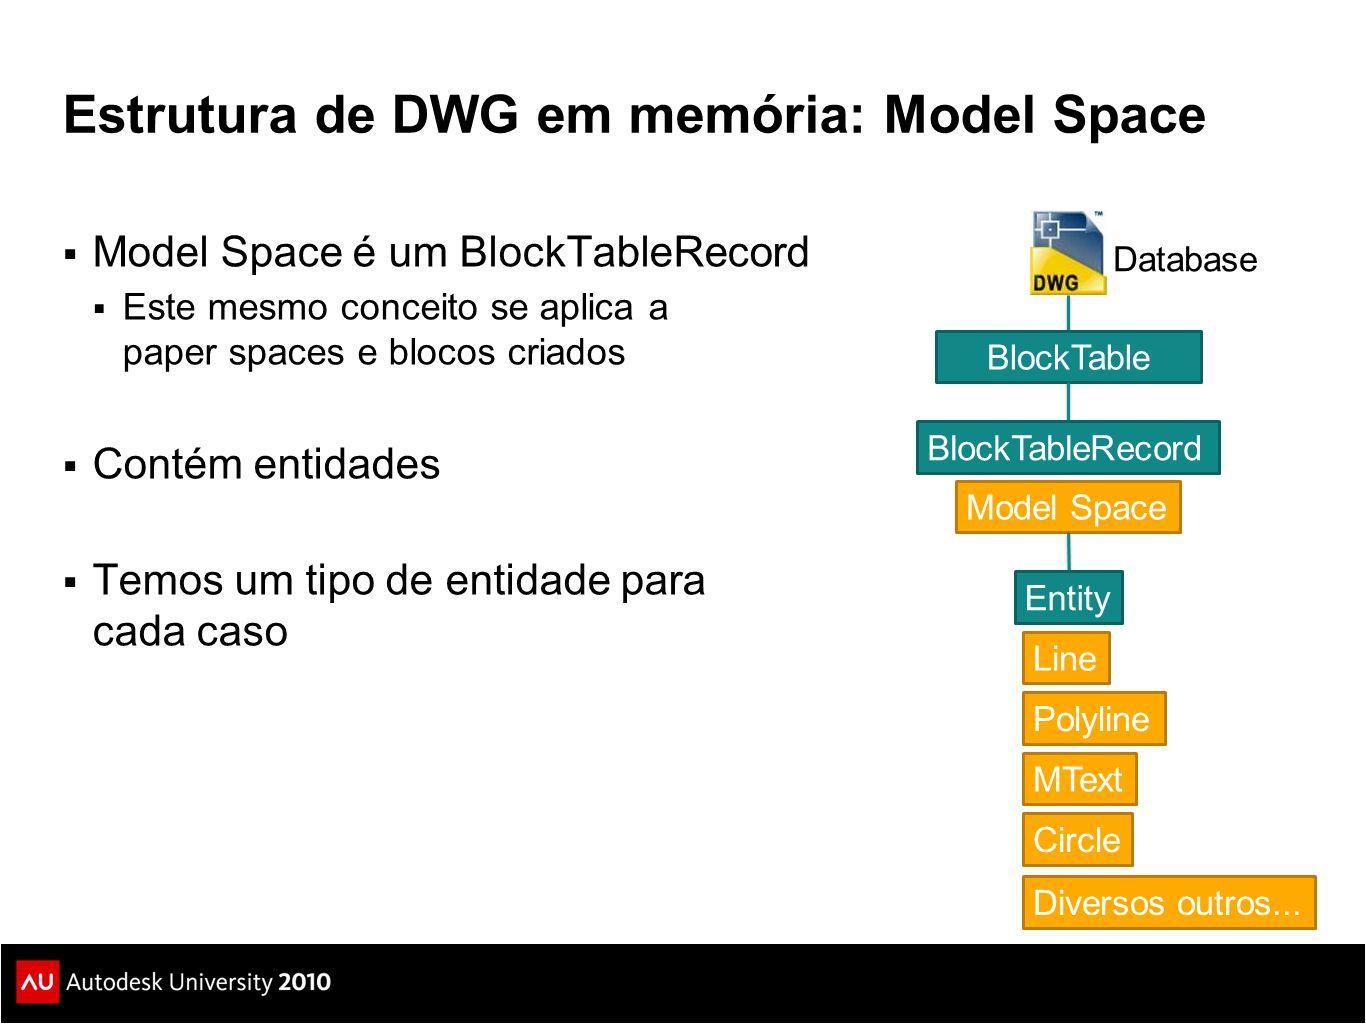 Estrutura de DWG em memória: Model Space